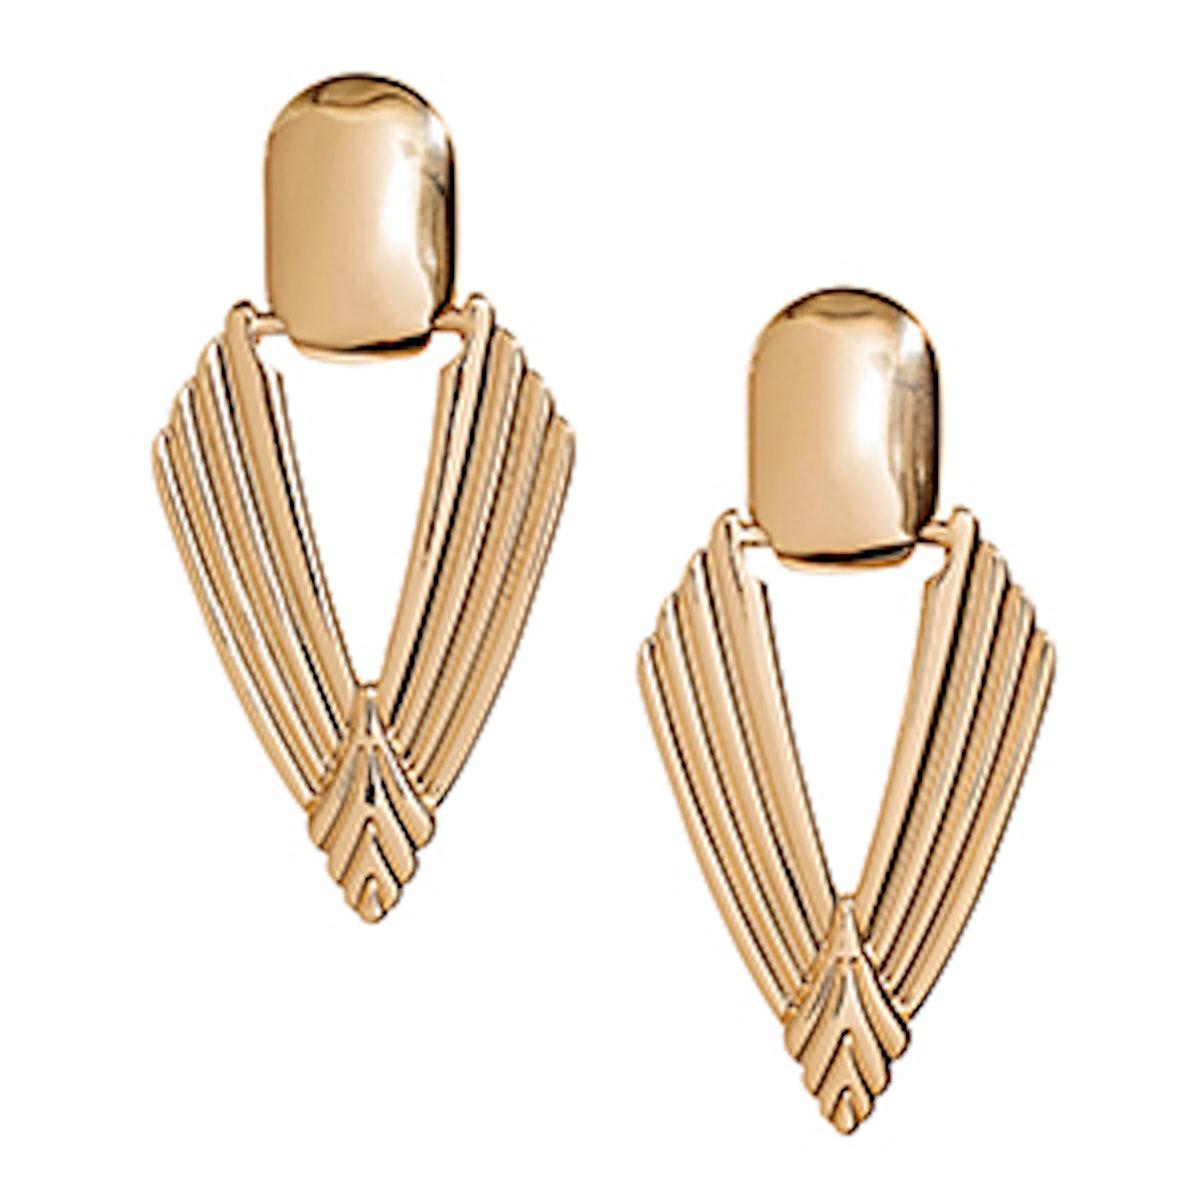 Arrow-Shaped Earrings